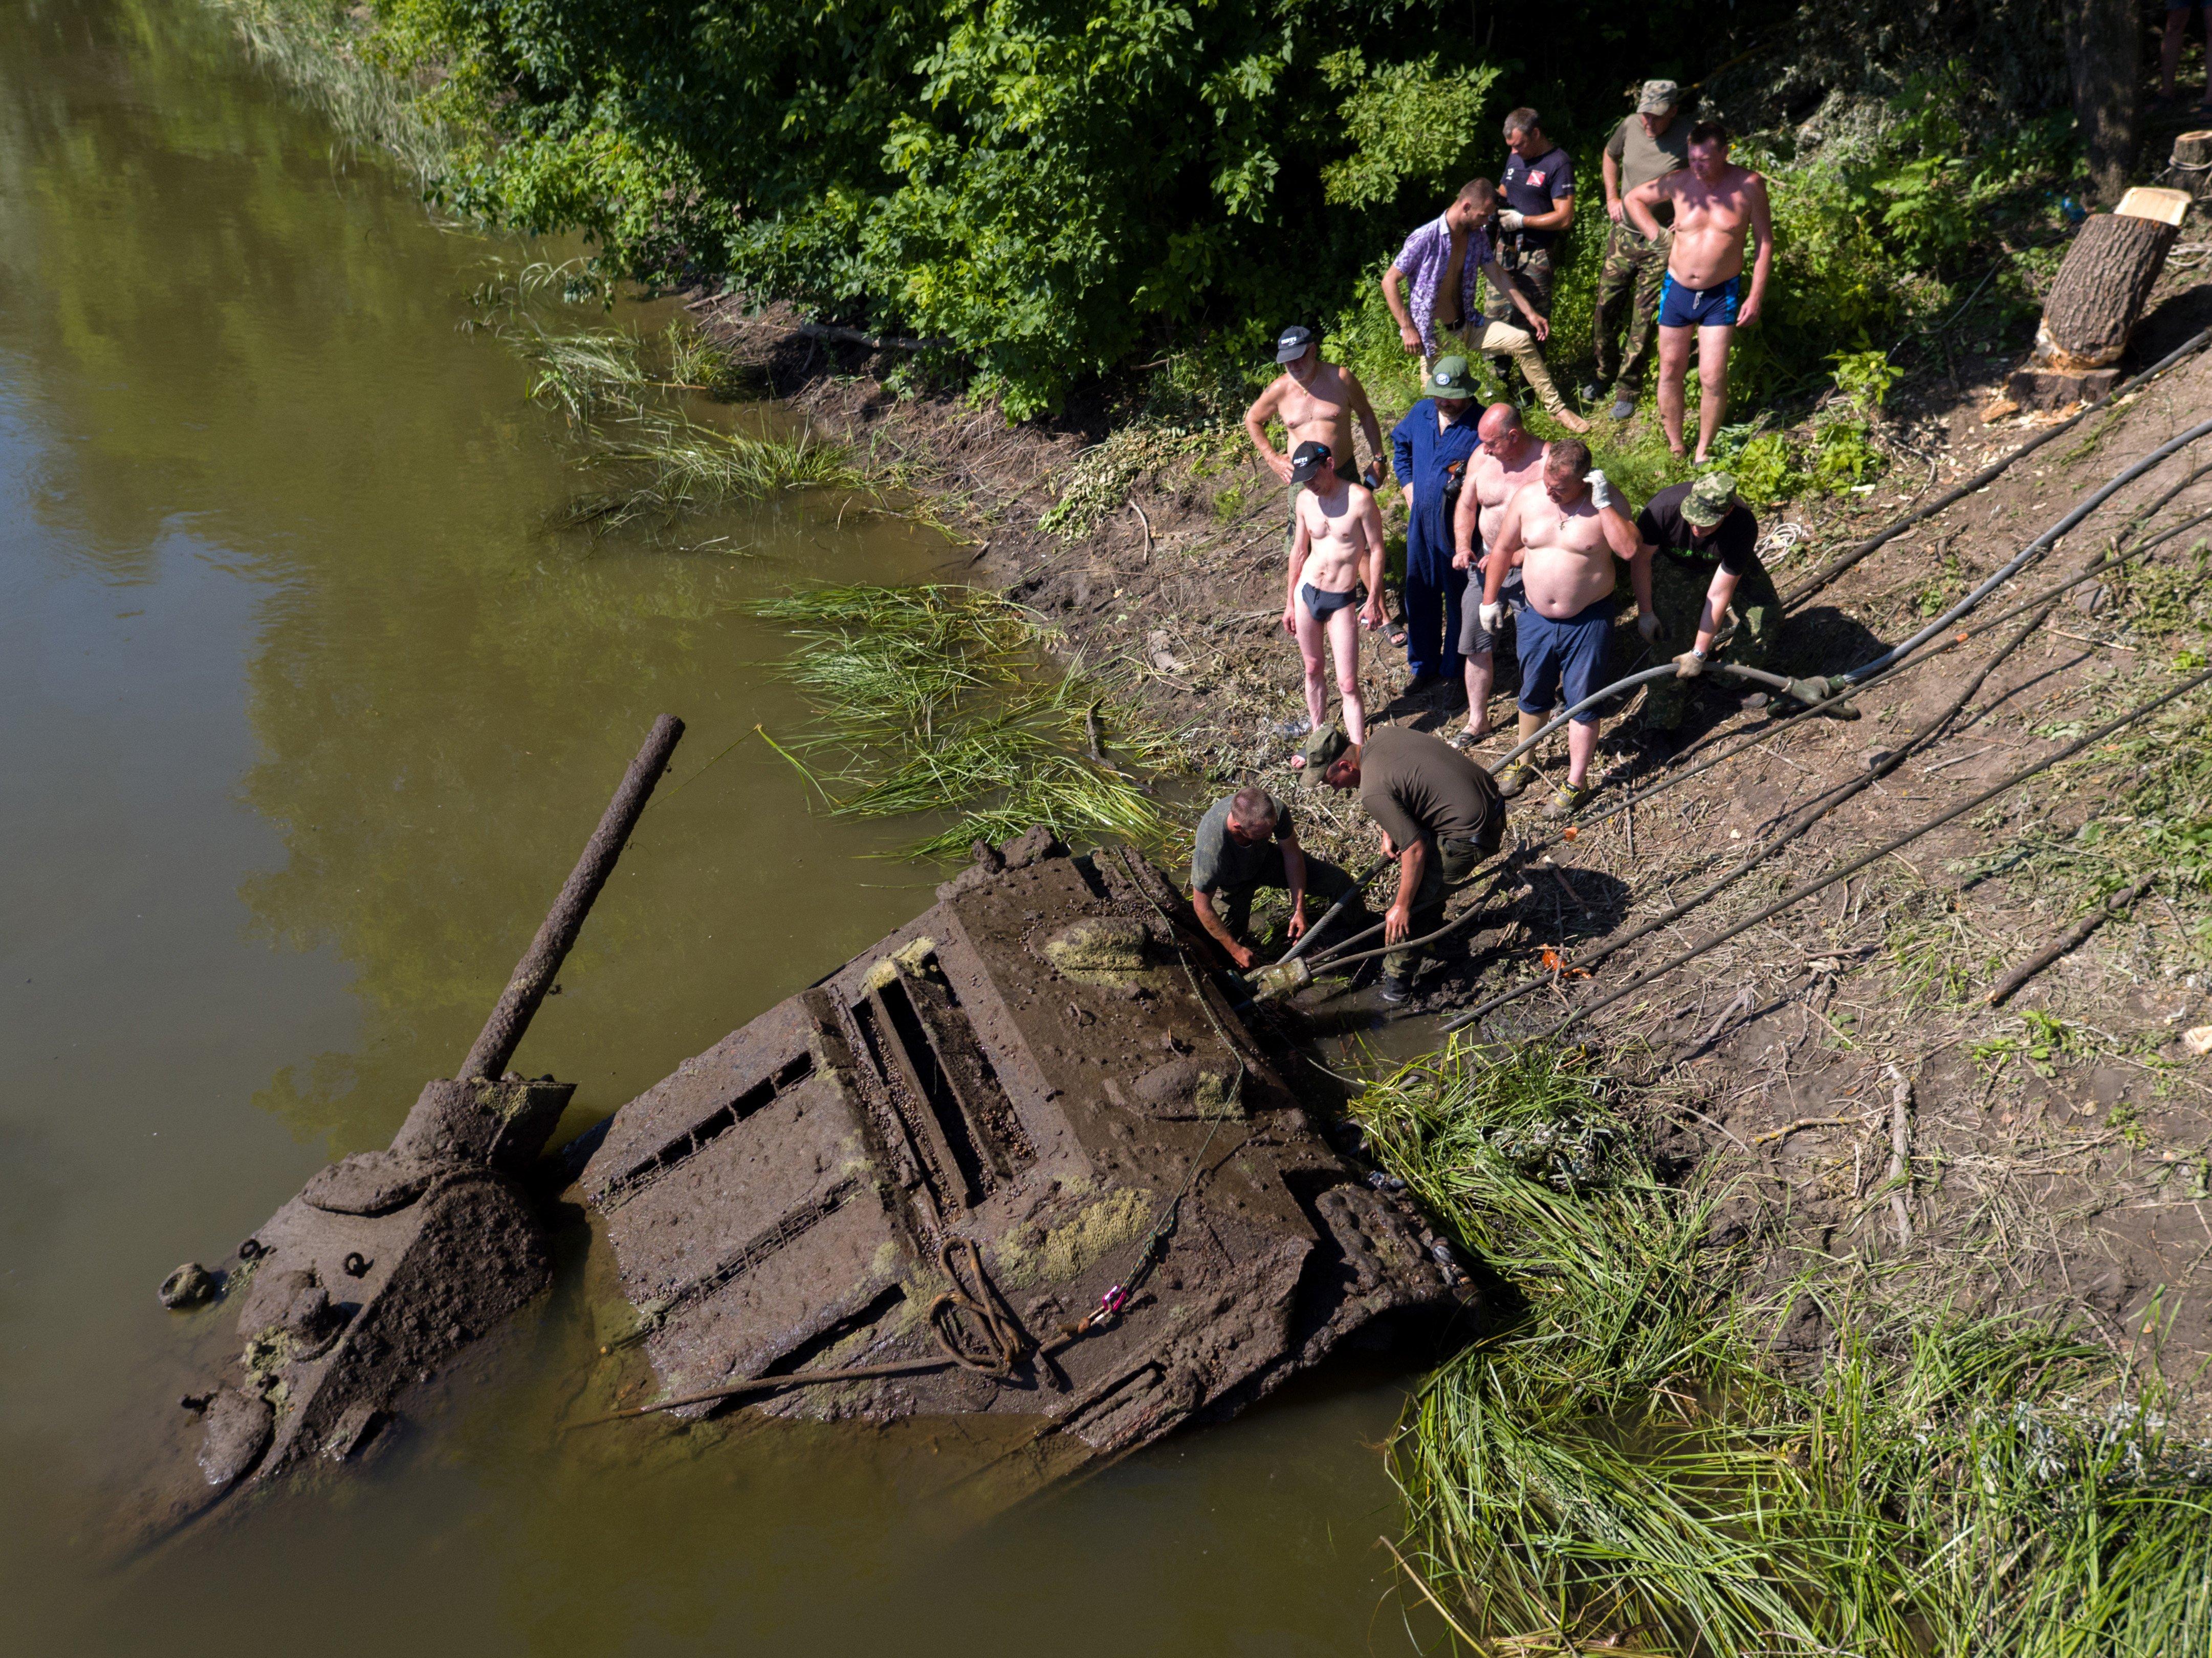 Уникальный танк Т-34 подняли с семиметровой глубины со дна Дона. Фото